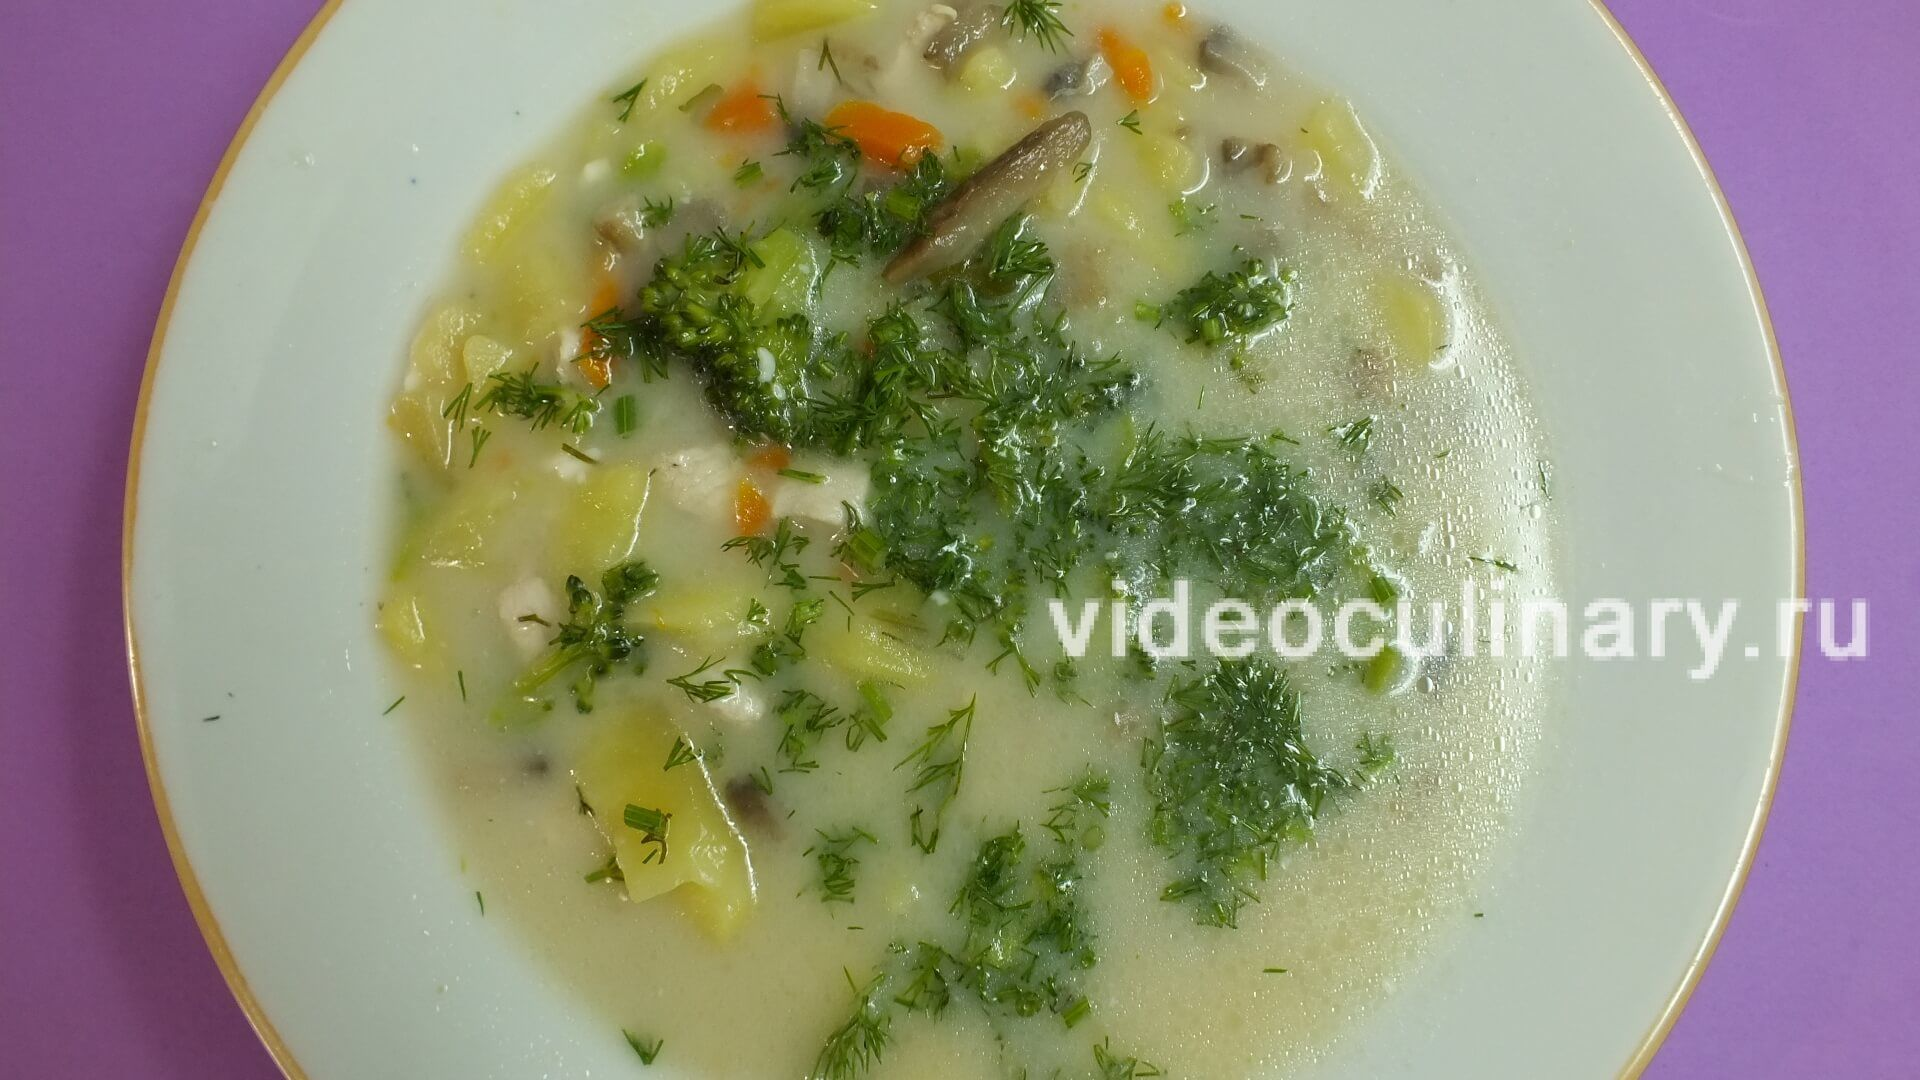 Суп овощной с курицей и брокколи